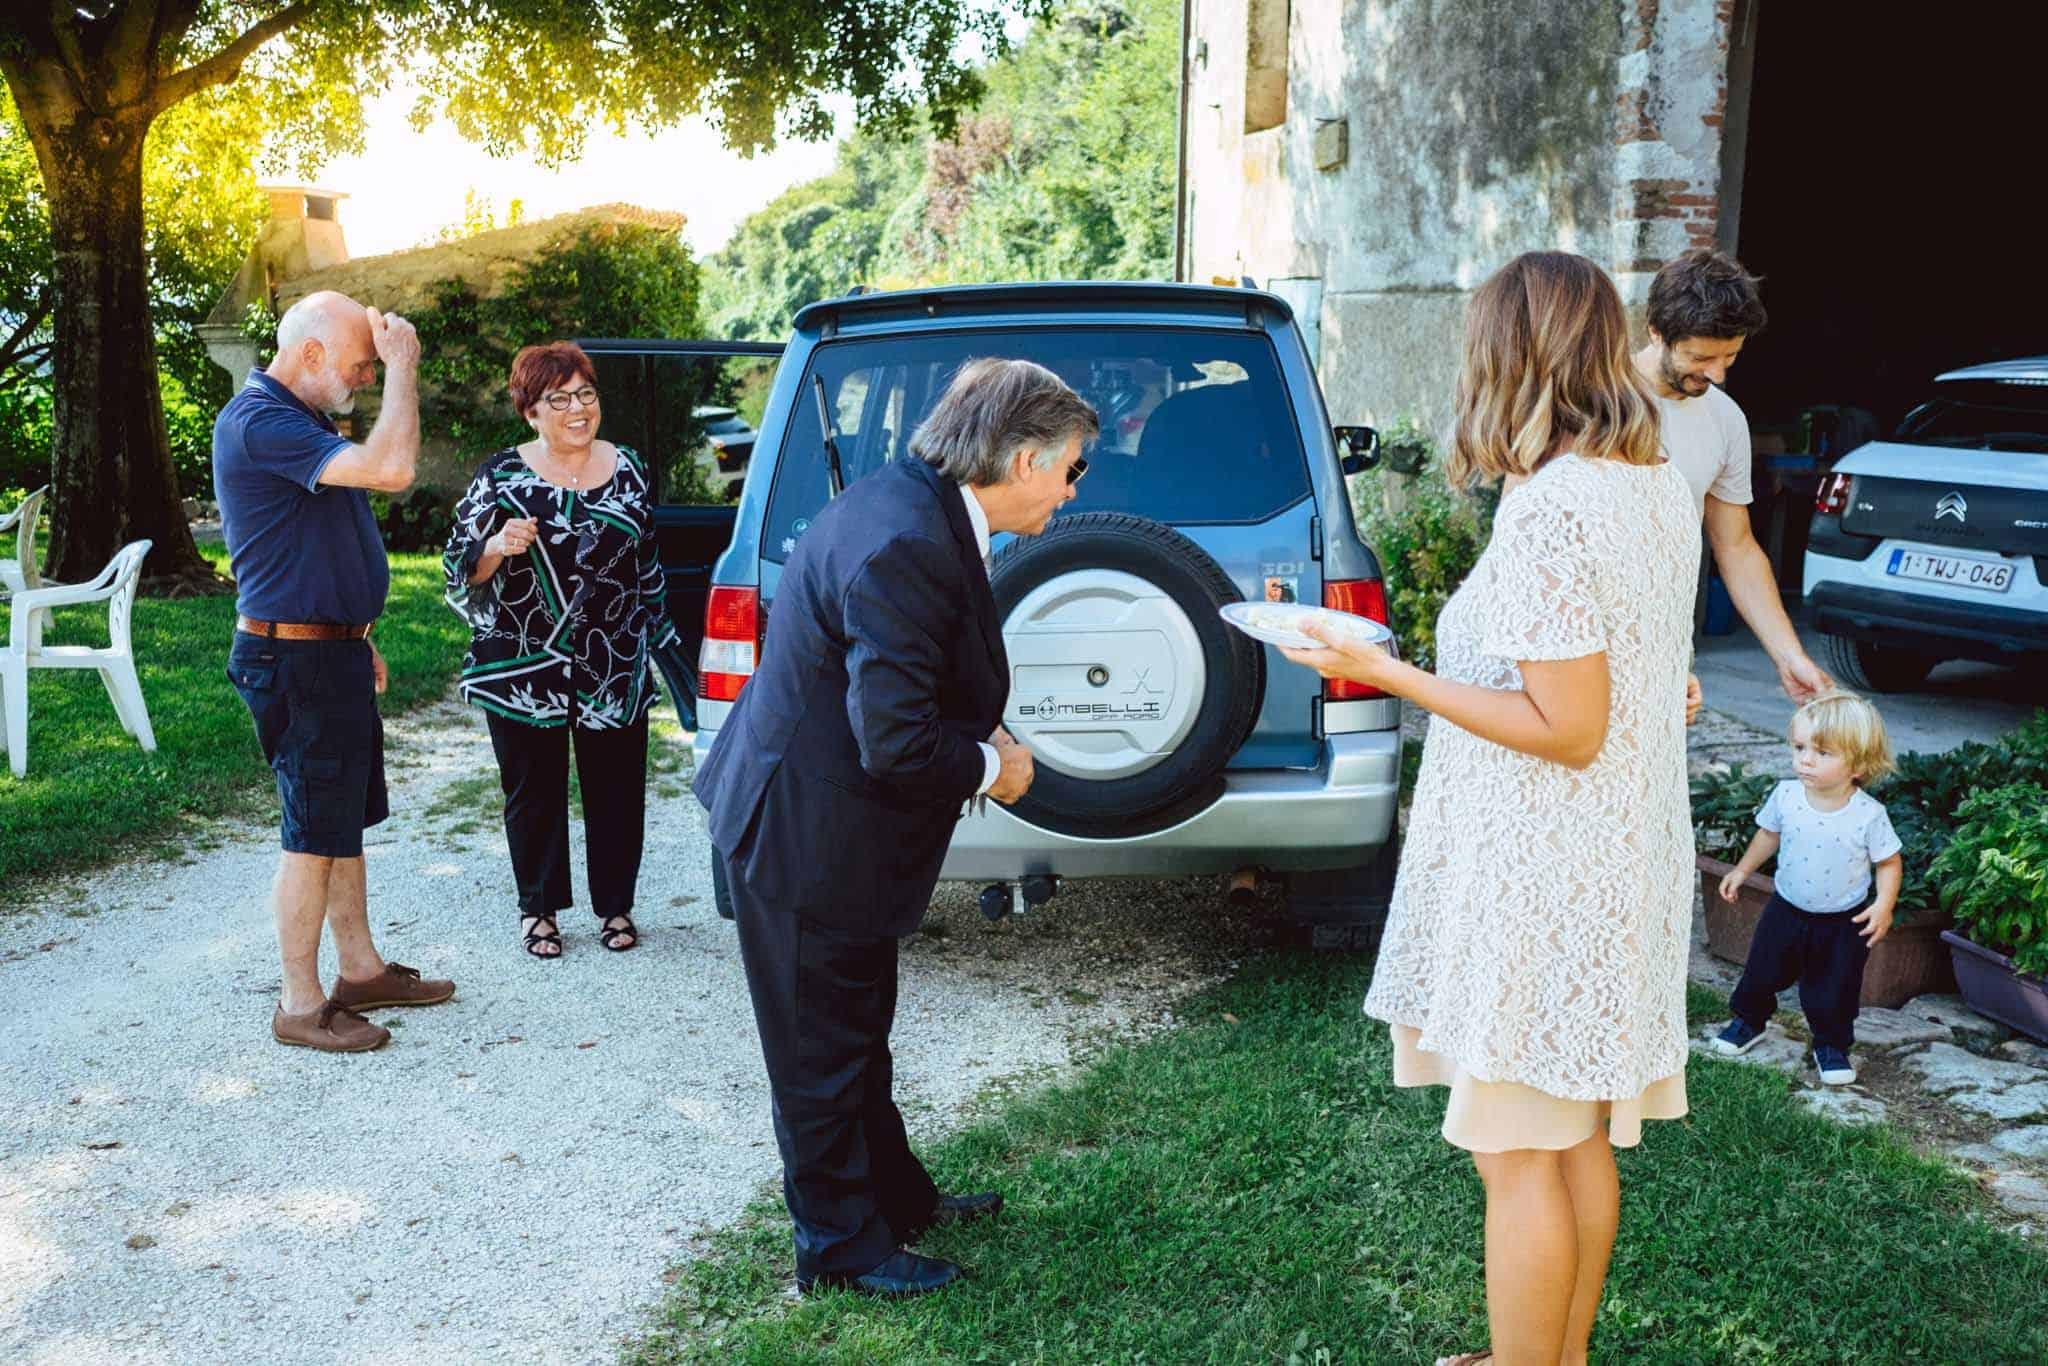 matrimonio valpolicella verona Costa degli ulivi 0003